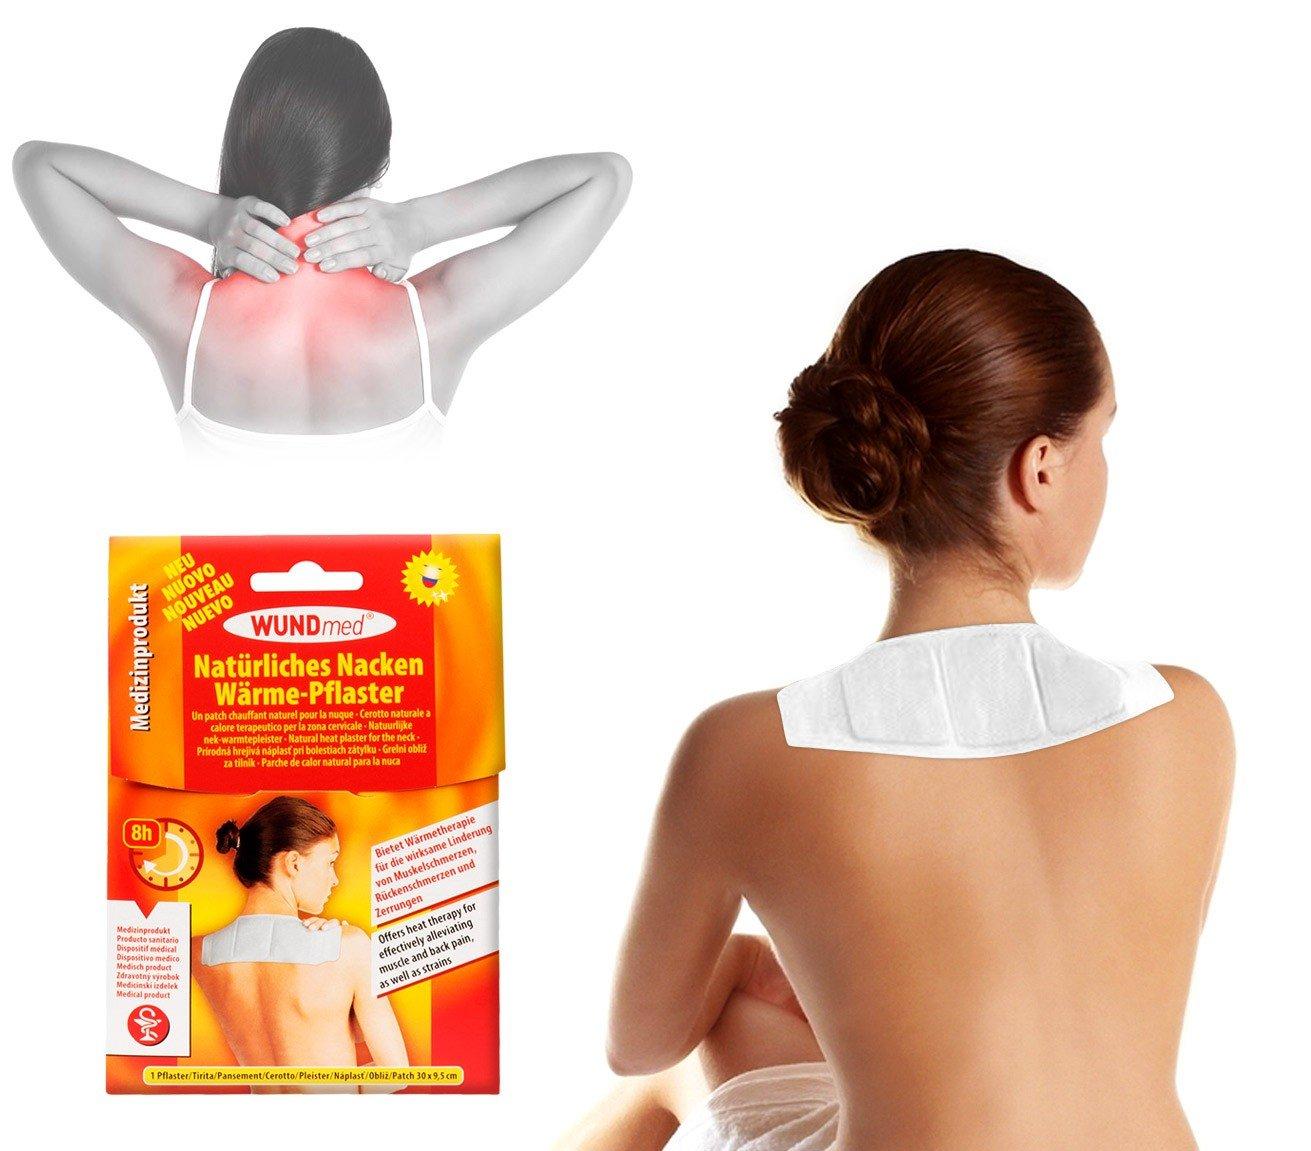 626572 Pack 2 cerotti naturali termici al calore terapeutico per zona cervicale. MEDIA WAVE store ®